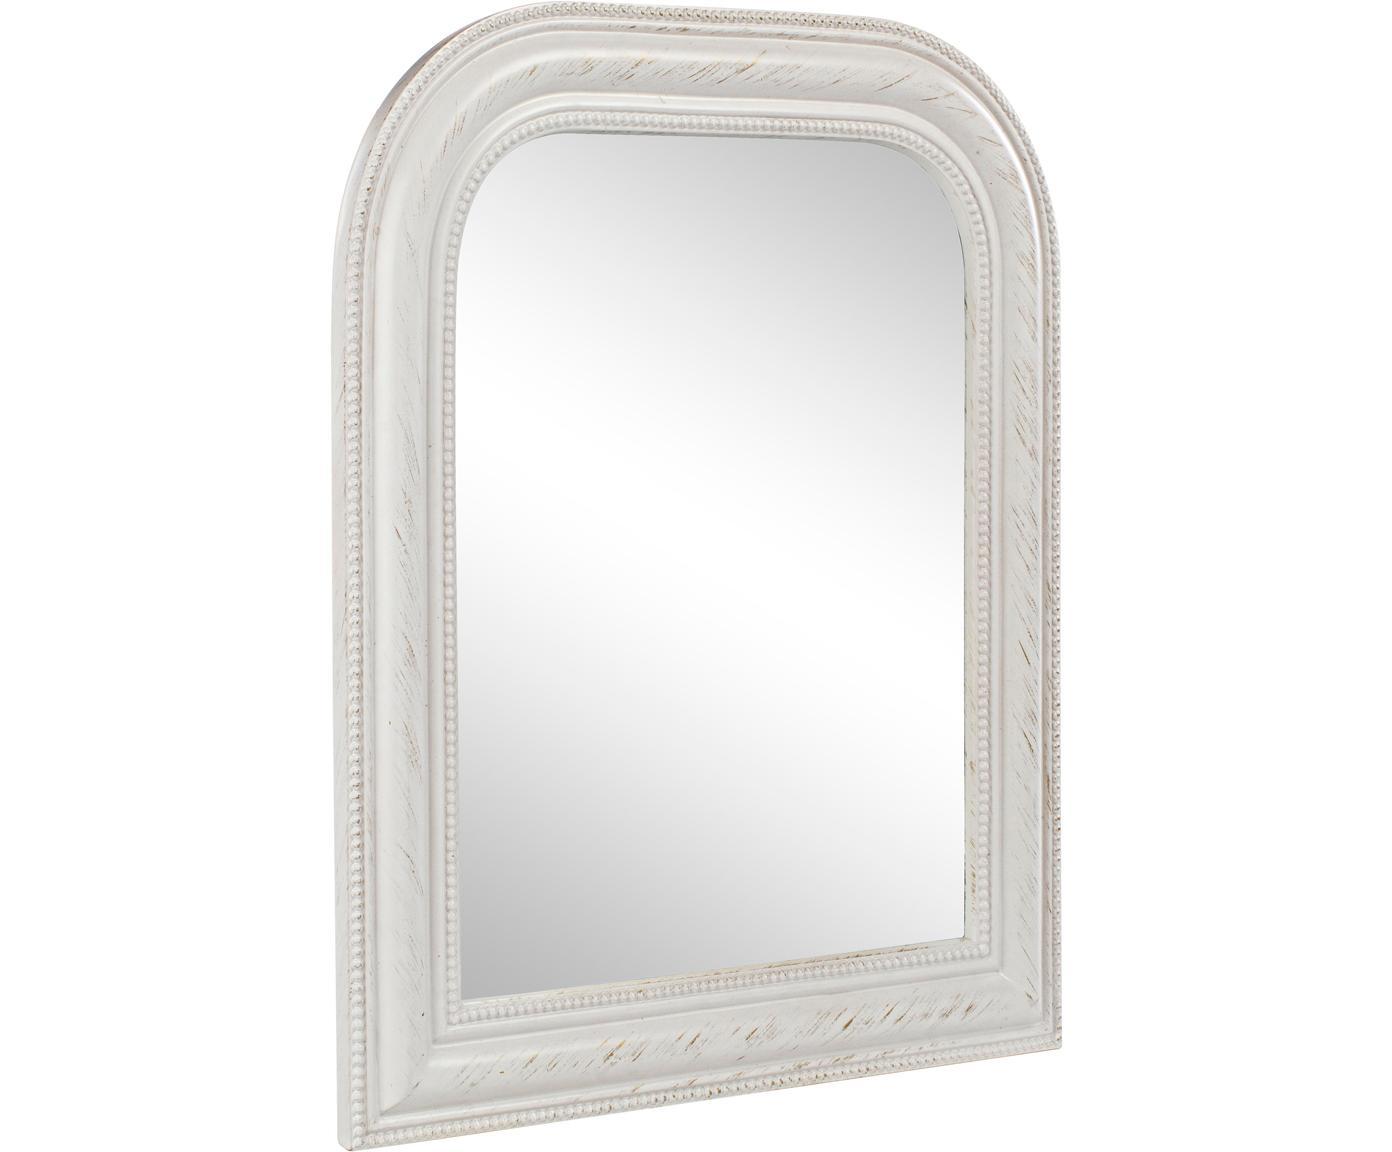 Lustro ścienne Miro, Biały, S 50 x W 60 cm